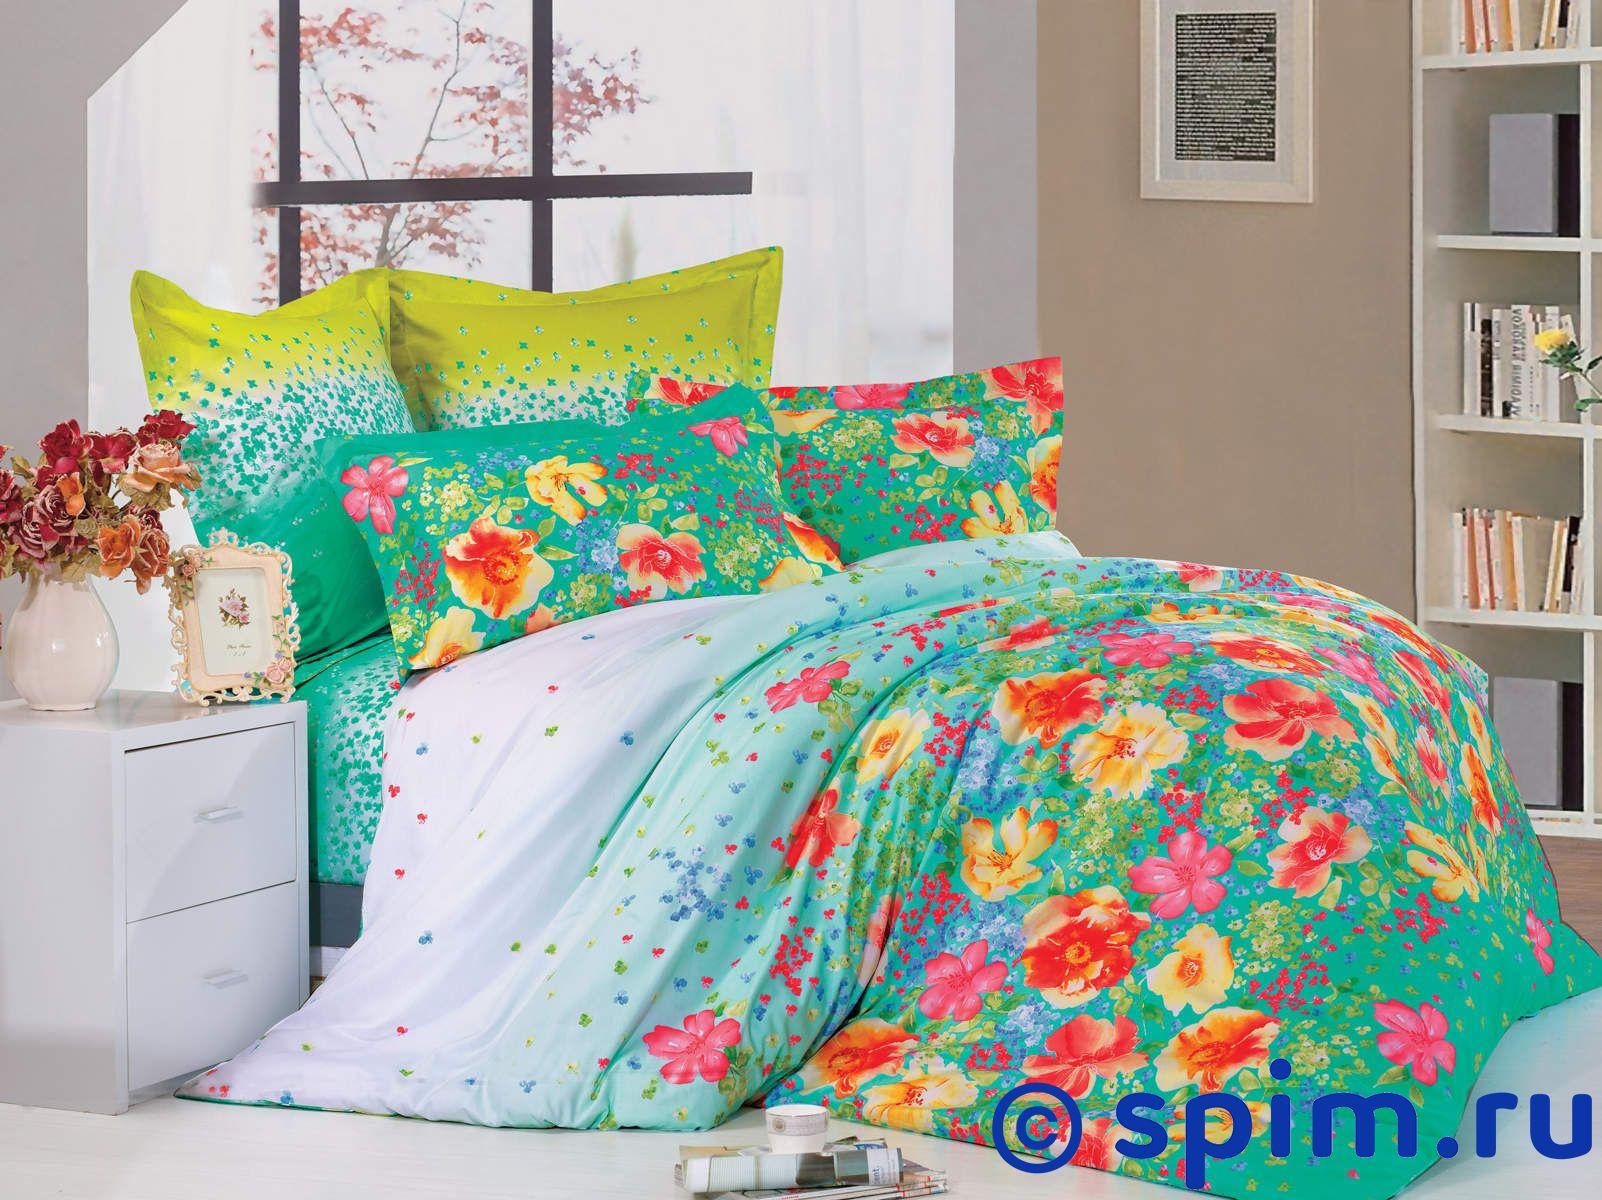 Комплект СайлиД В136 1.5 спальное